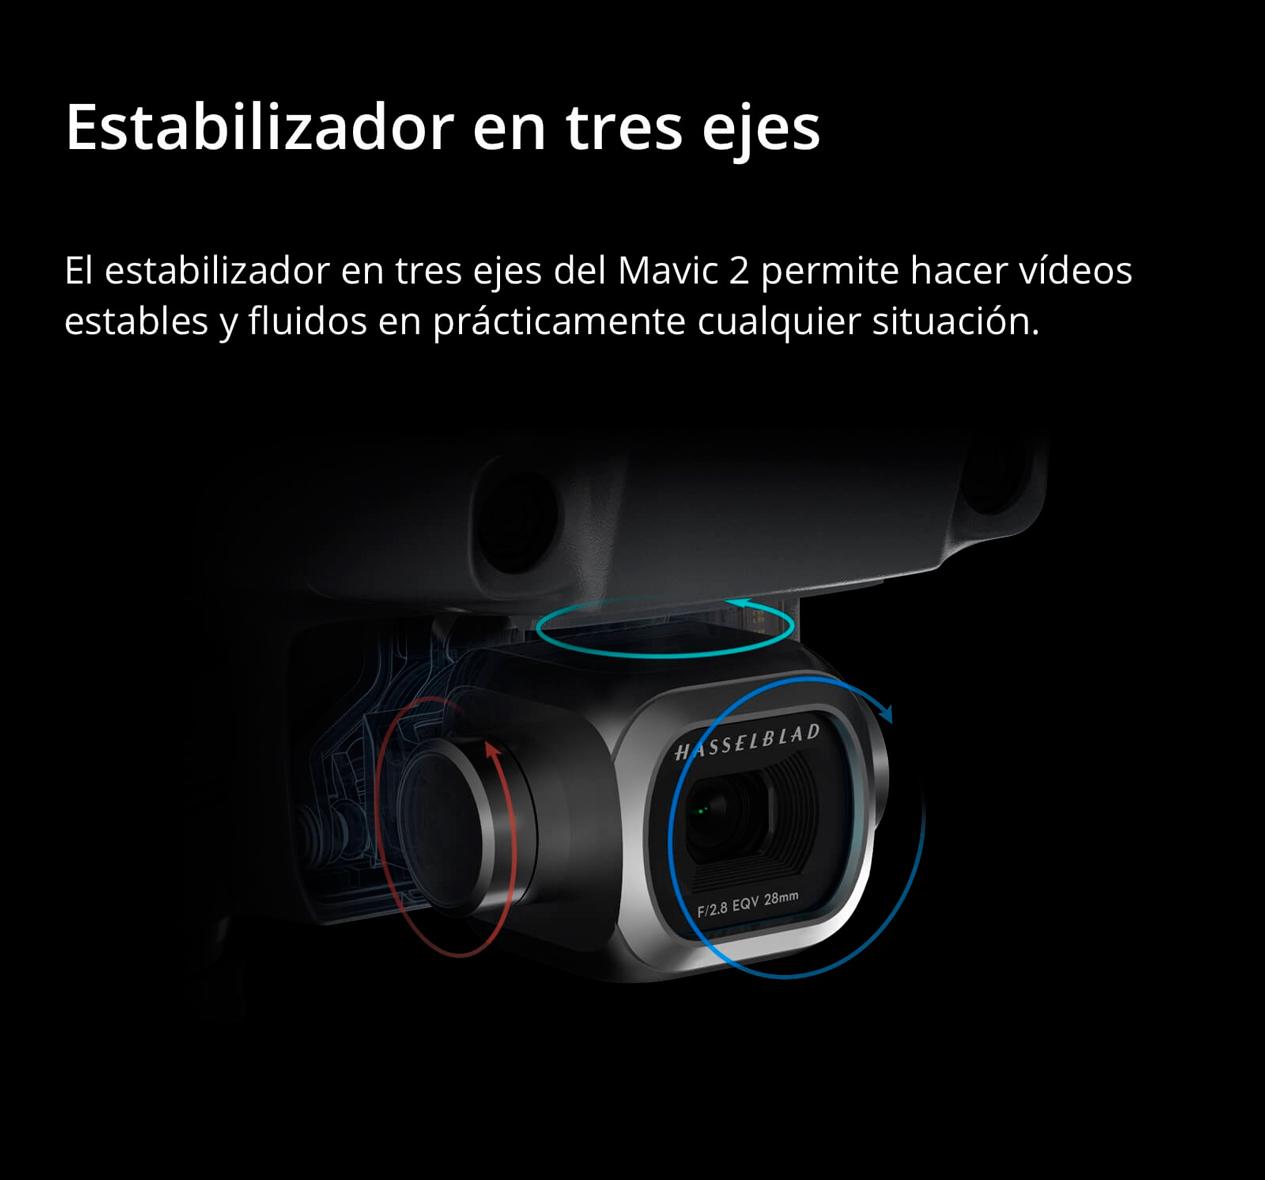 DJI MAVIC 2 PRO - Estabilizador en 3 ejes